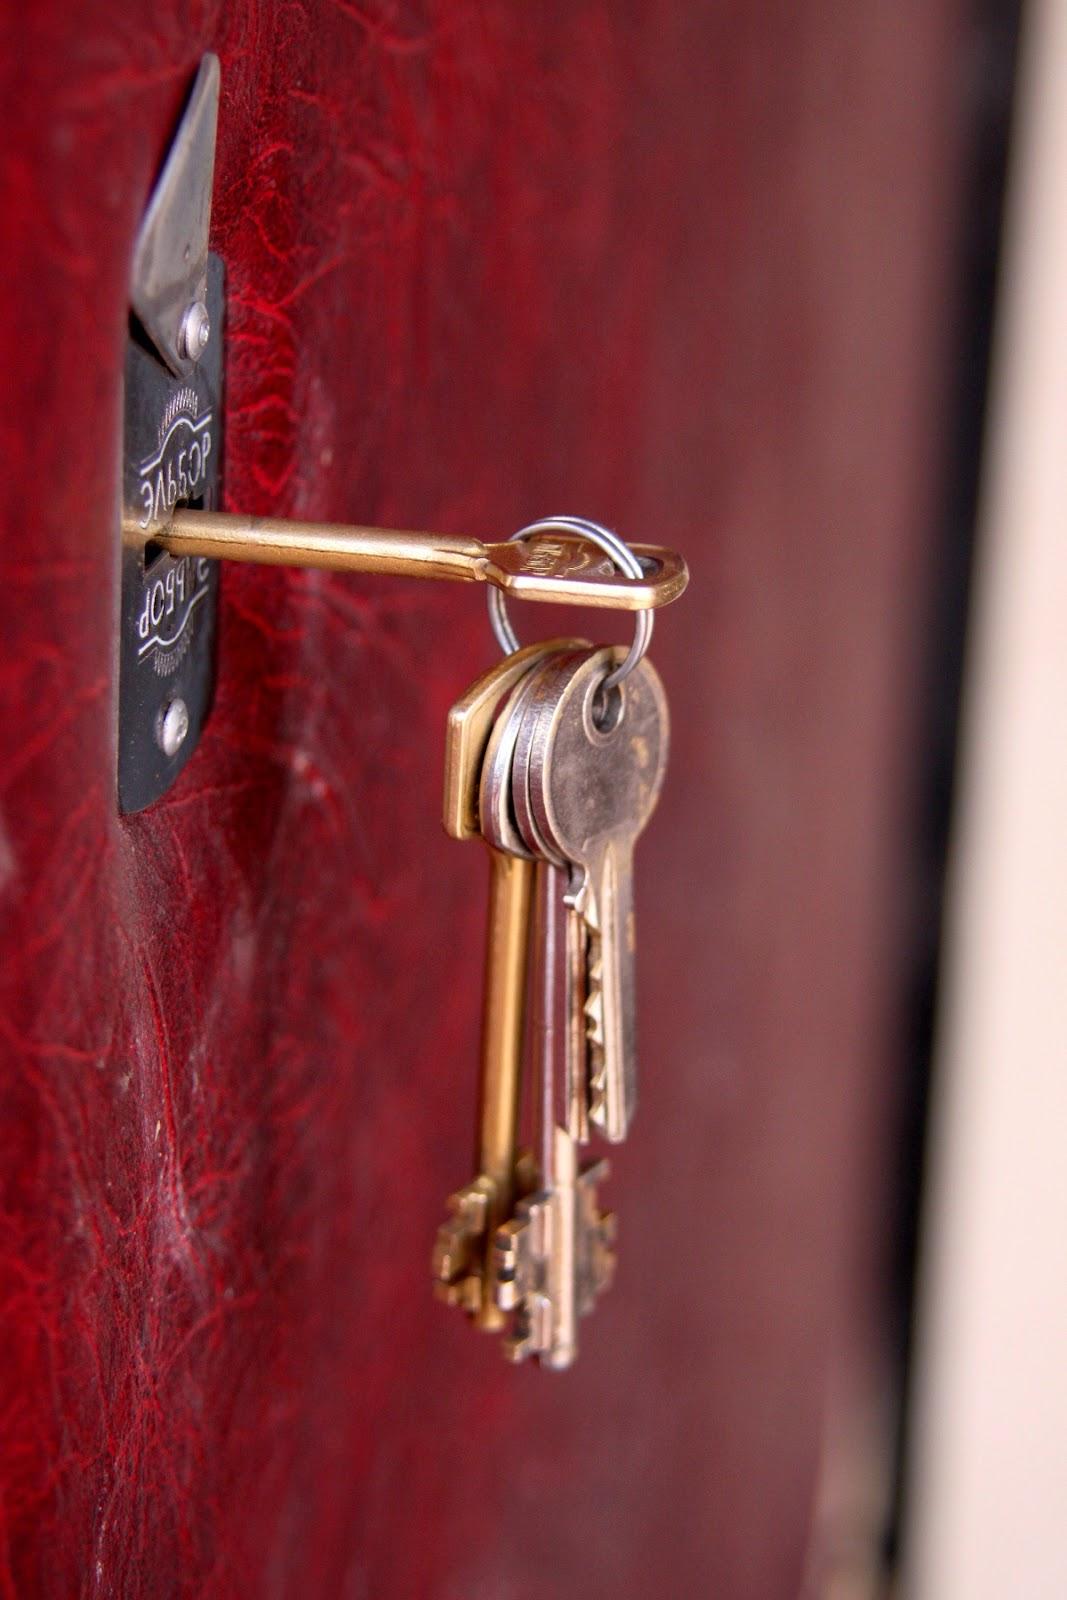 Astropensando astrologia impossibile aprire una porta - Entrare in una porta ...